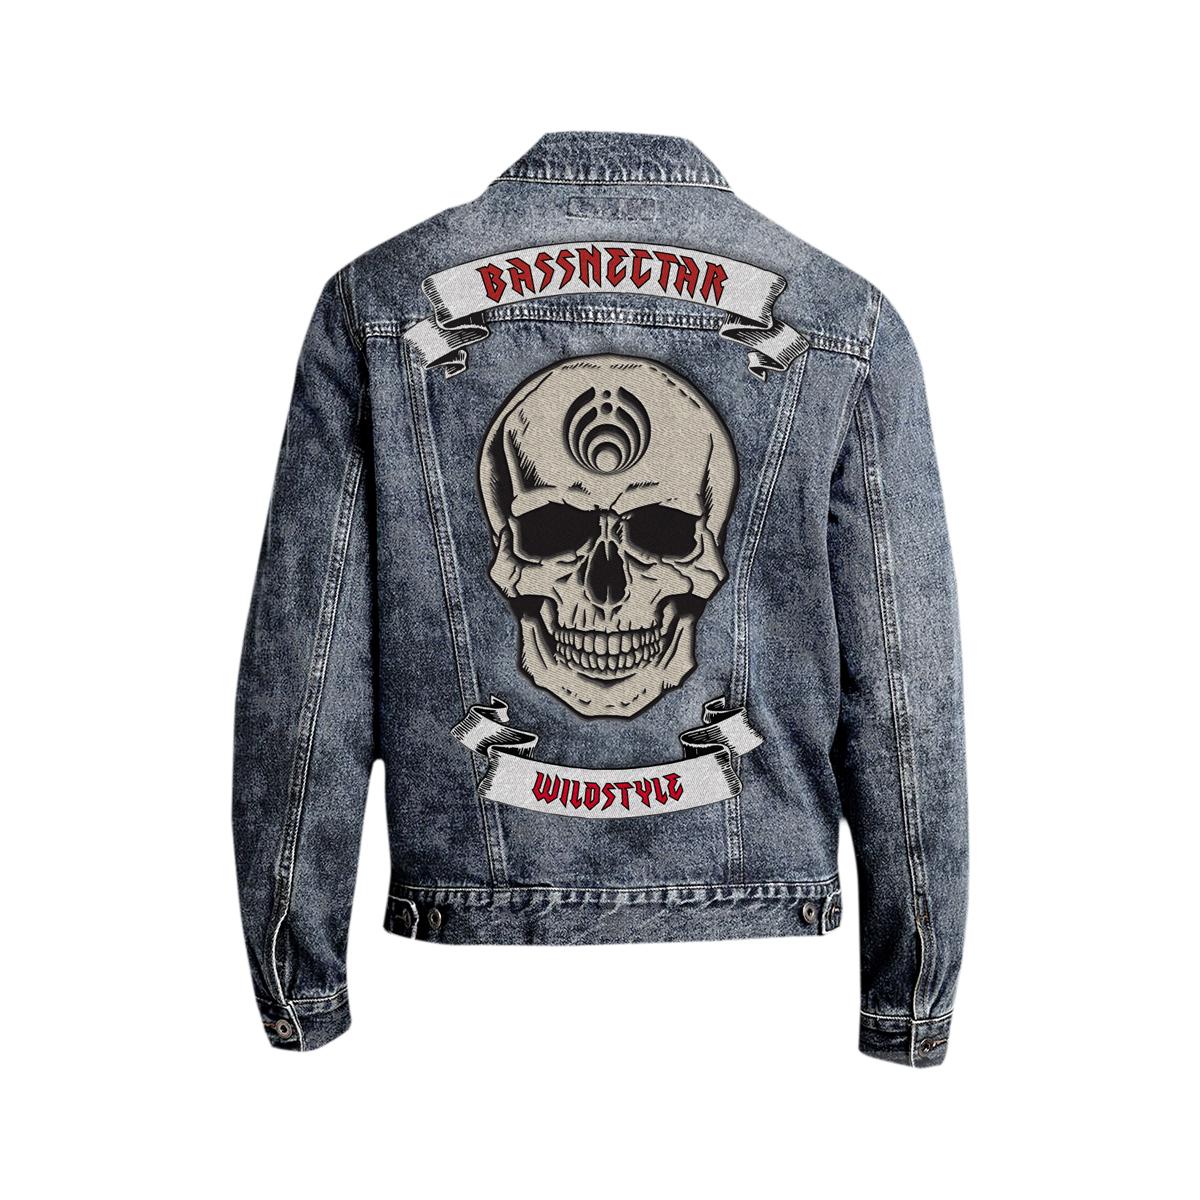 Wildstyle Denim Jacket